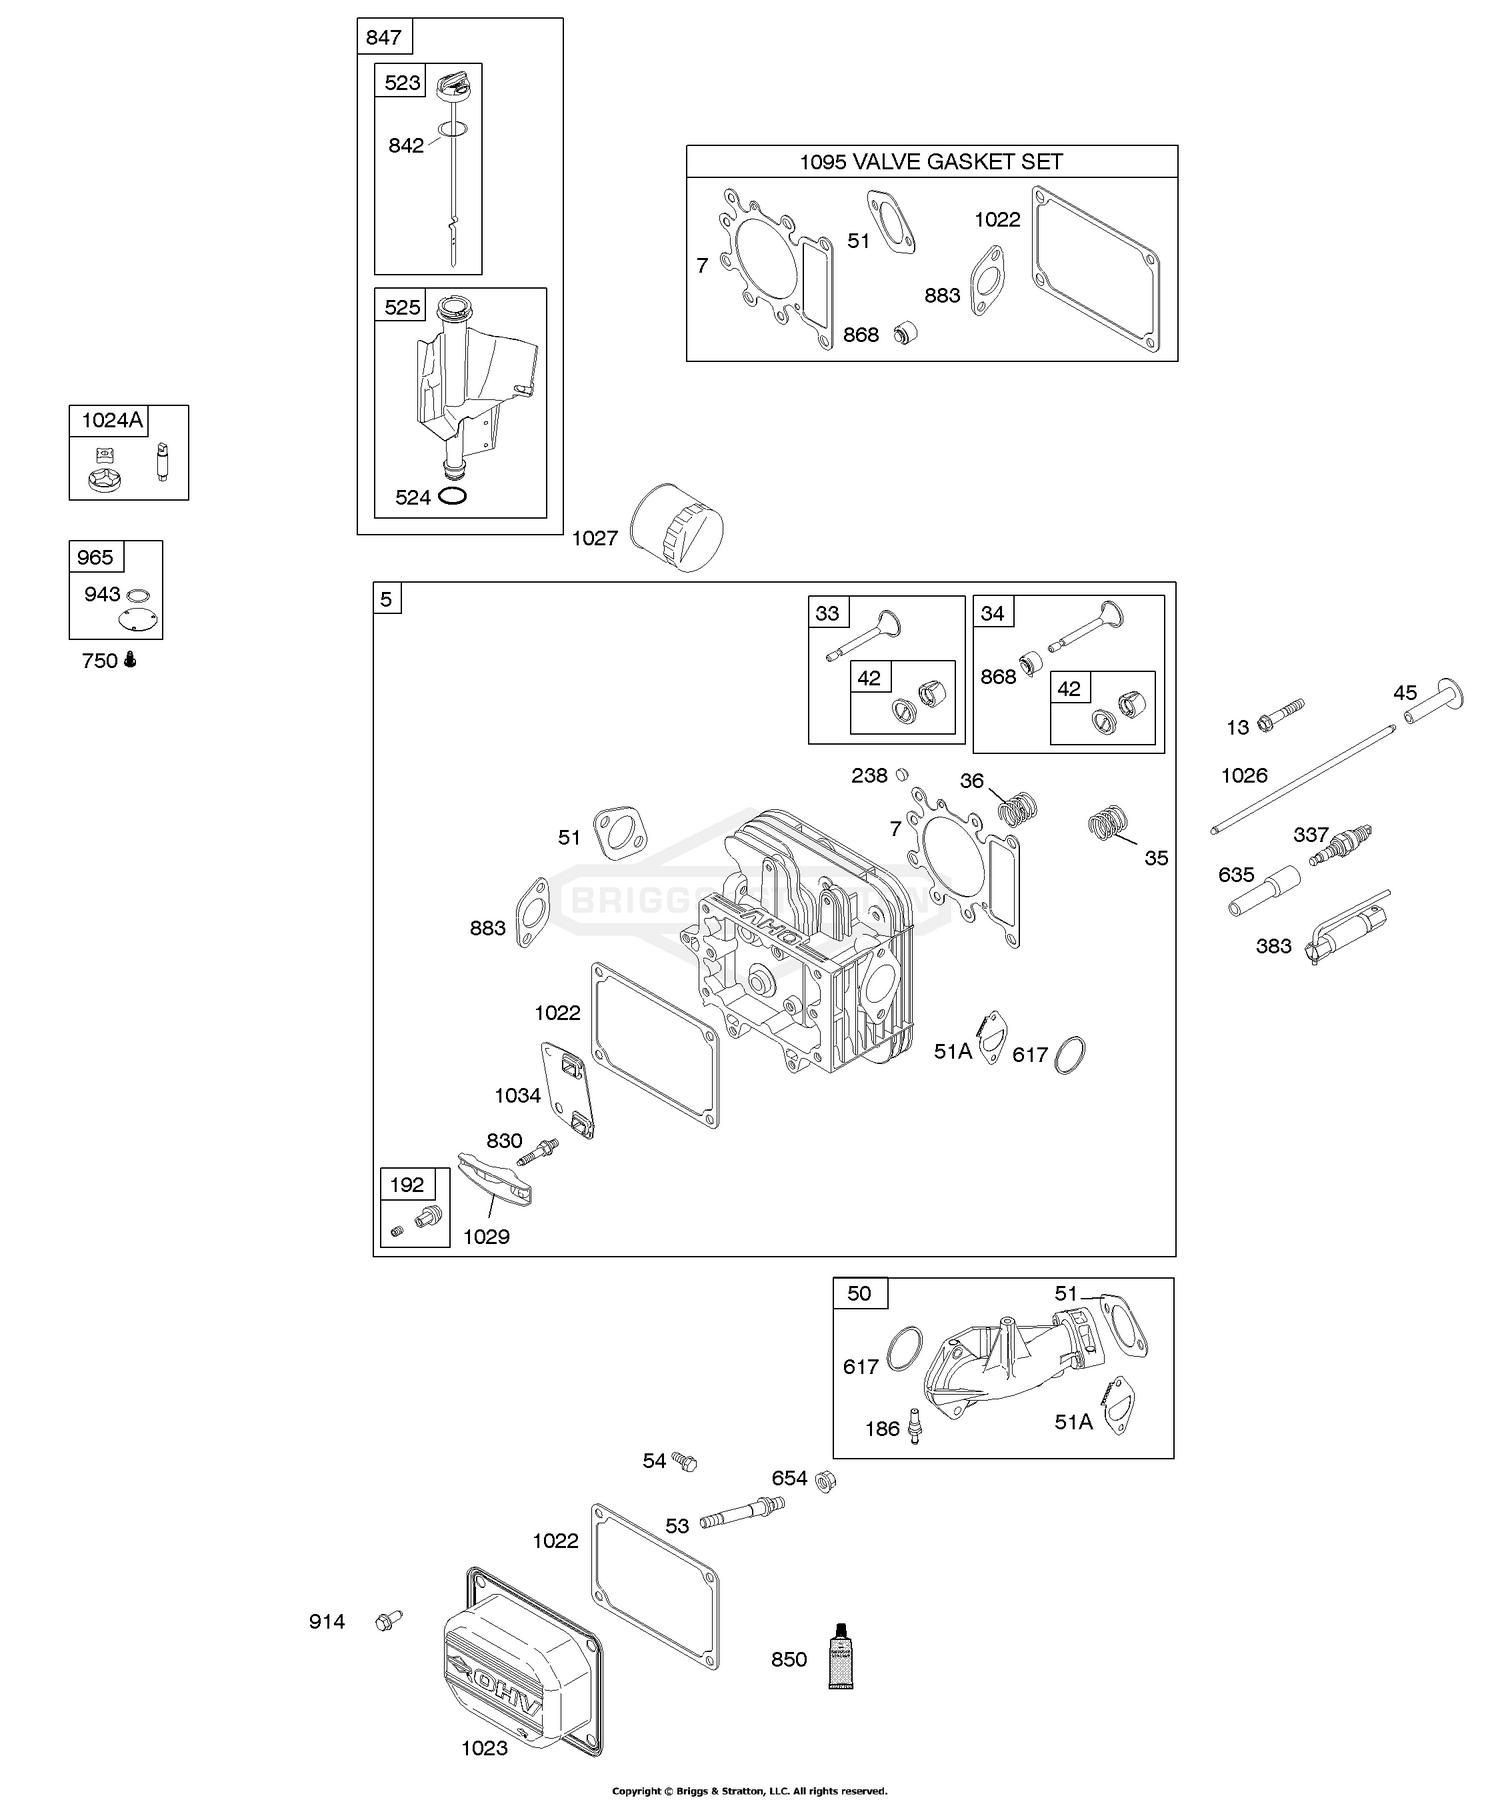 Cylinder Head, Gasket Set - Engine, Gasket Set - Valve, Intake Manifold,